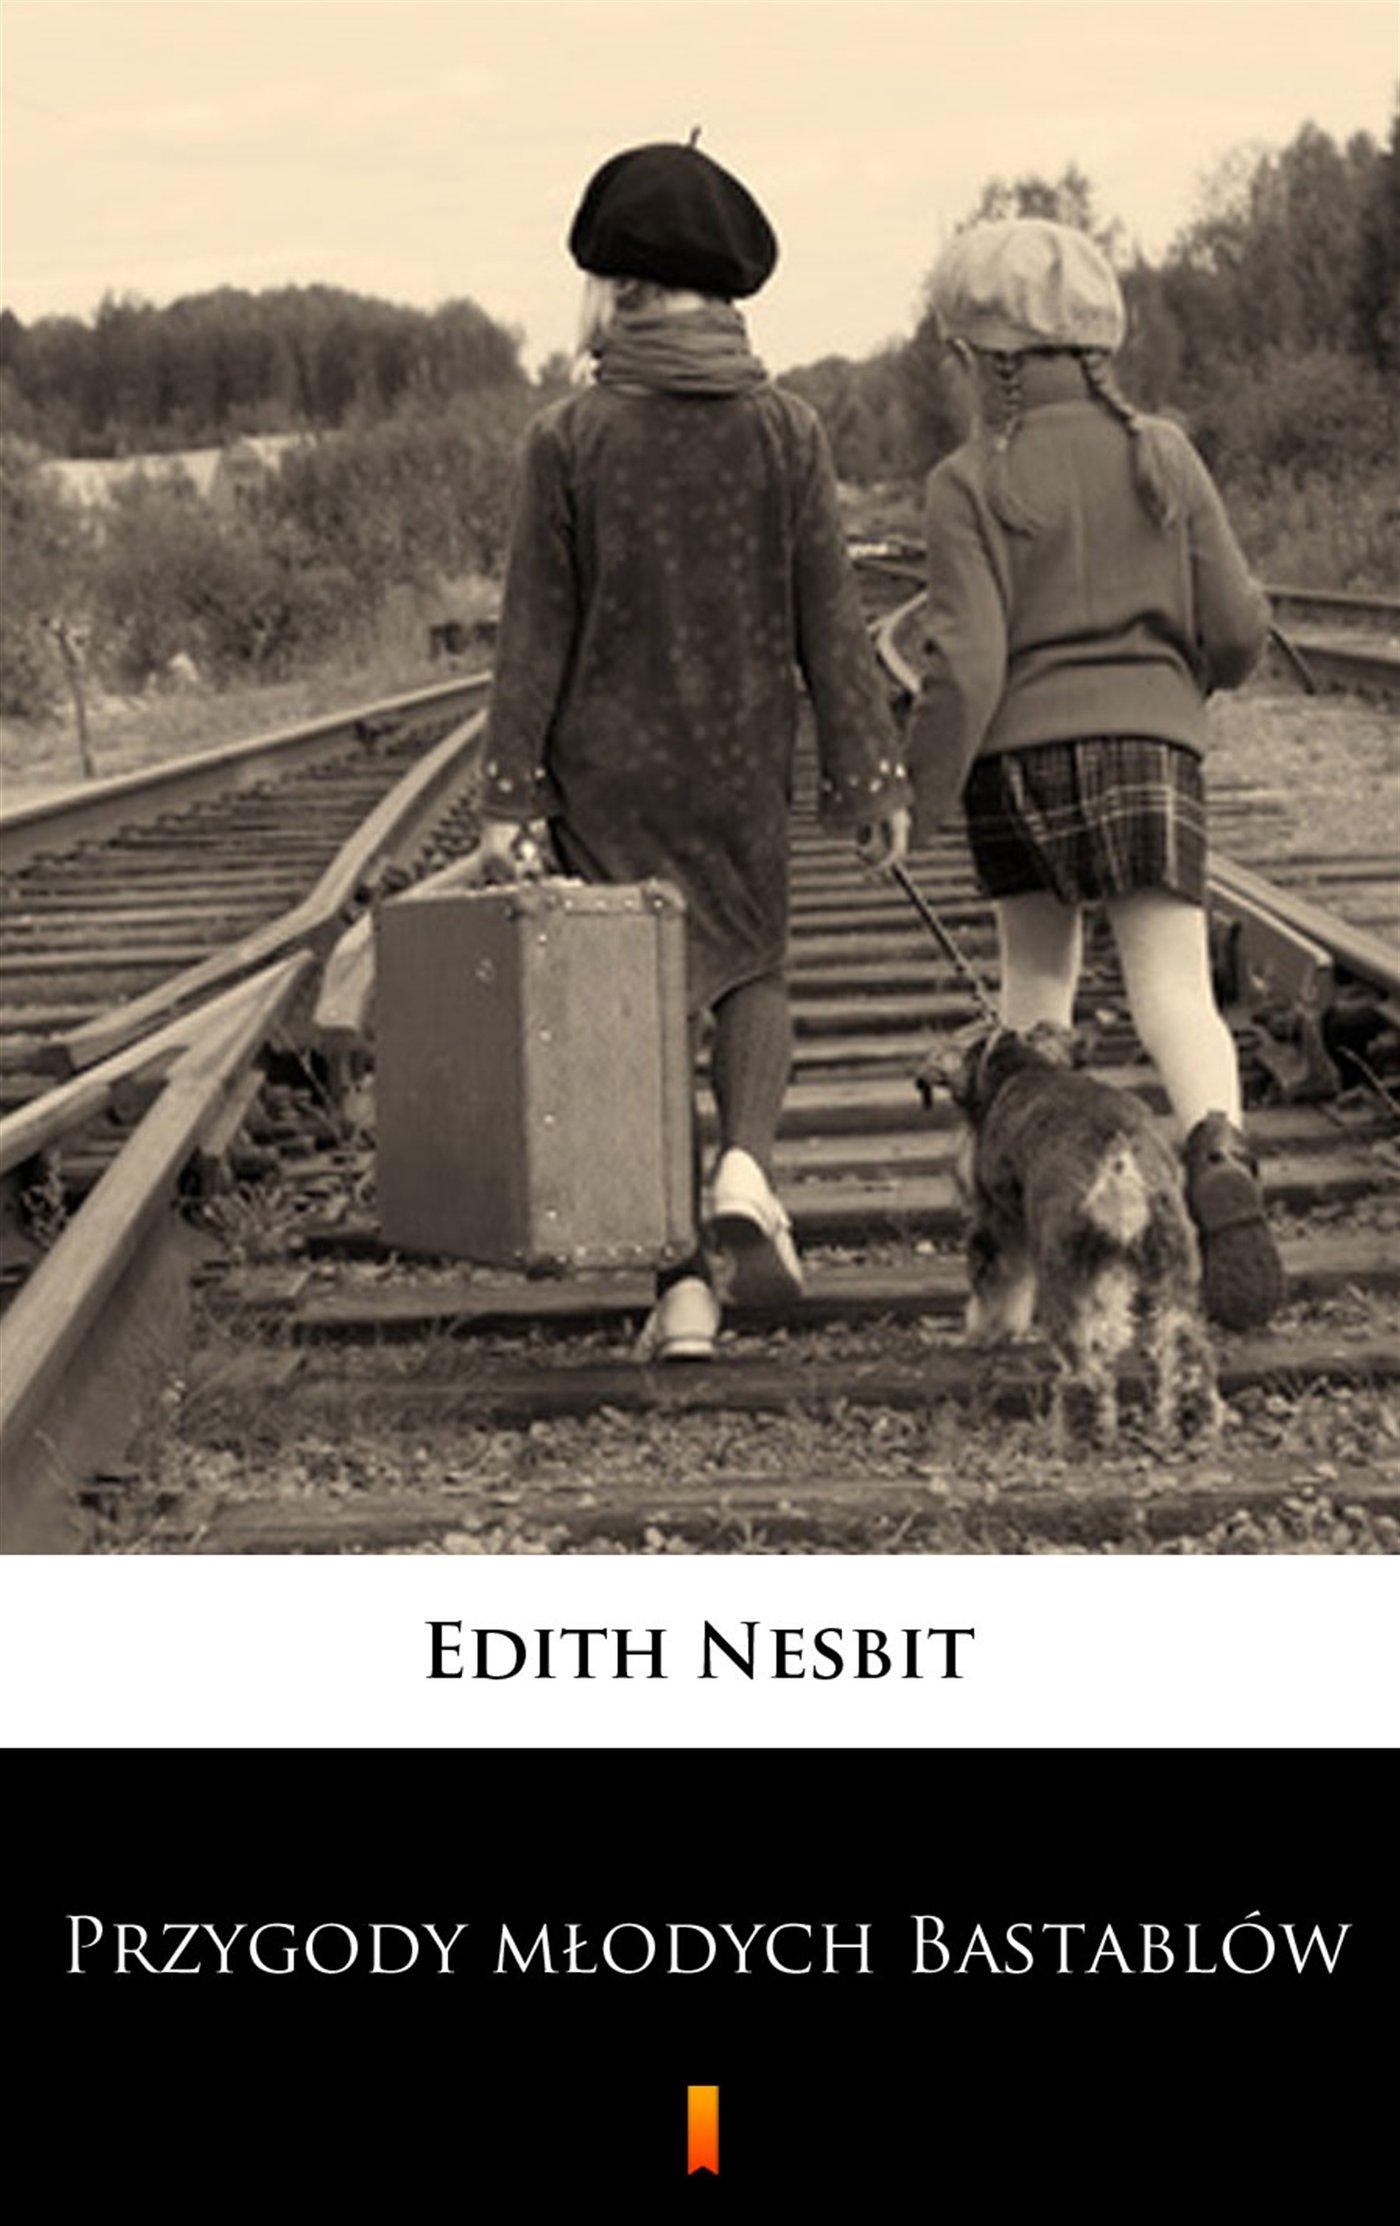 Przygody młodych Bastablów - Ebook (Książka na Kindle) do pobrania w formacie MOBI